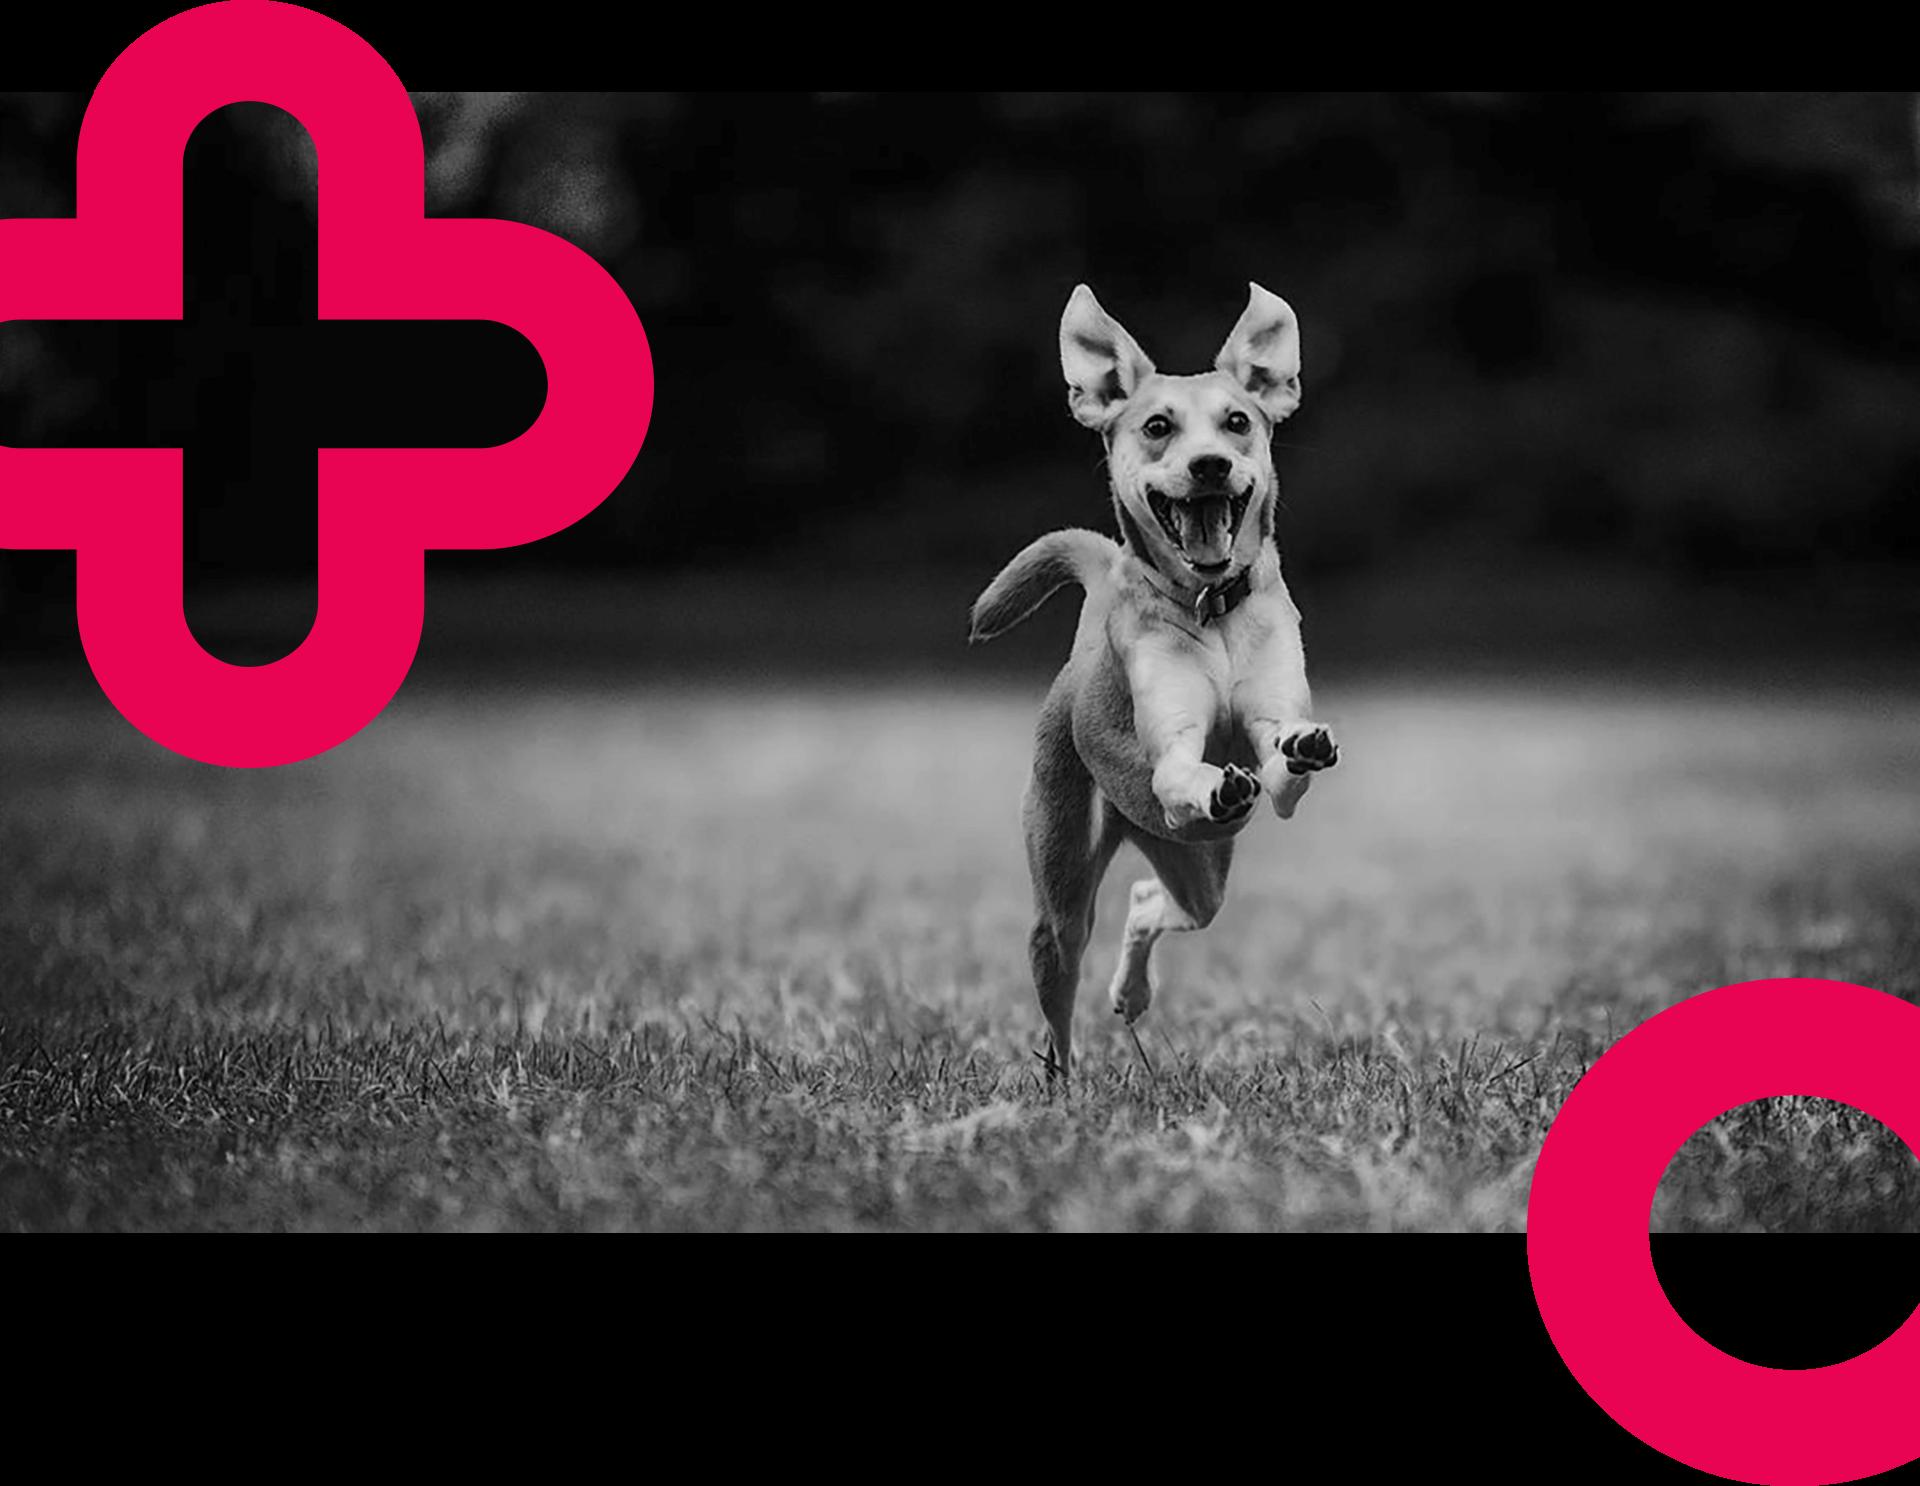 dog-logo-elements-2020